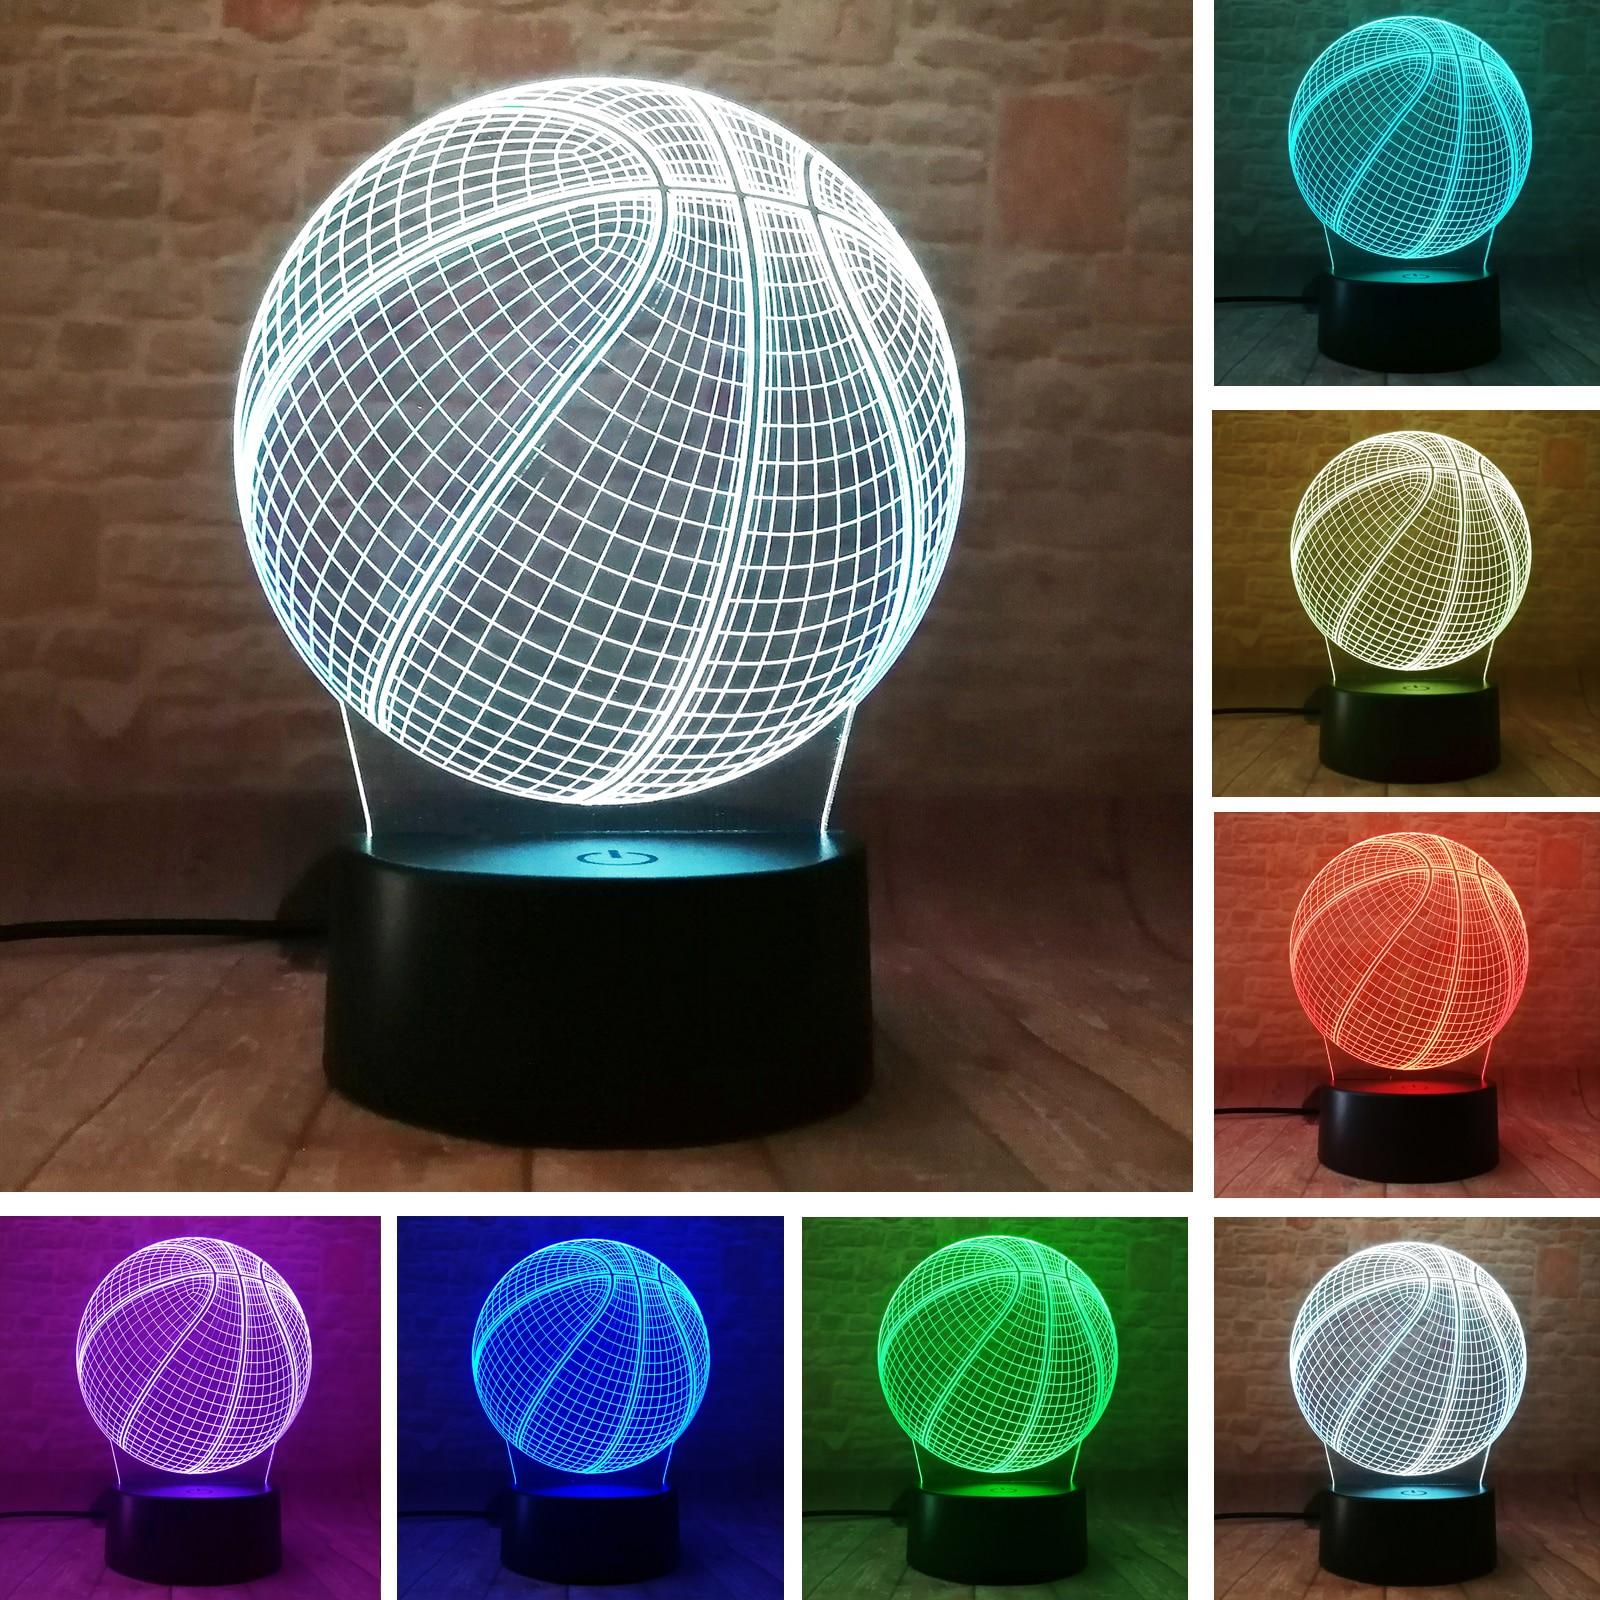 Баскетбольная 3d-лампа, подарок на день рождения, 7 видов цветов, авто изменение, ночник, для детей, мальчиков, мужчин, подарки, игрушка для люб...